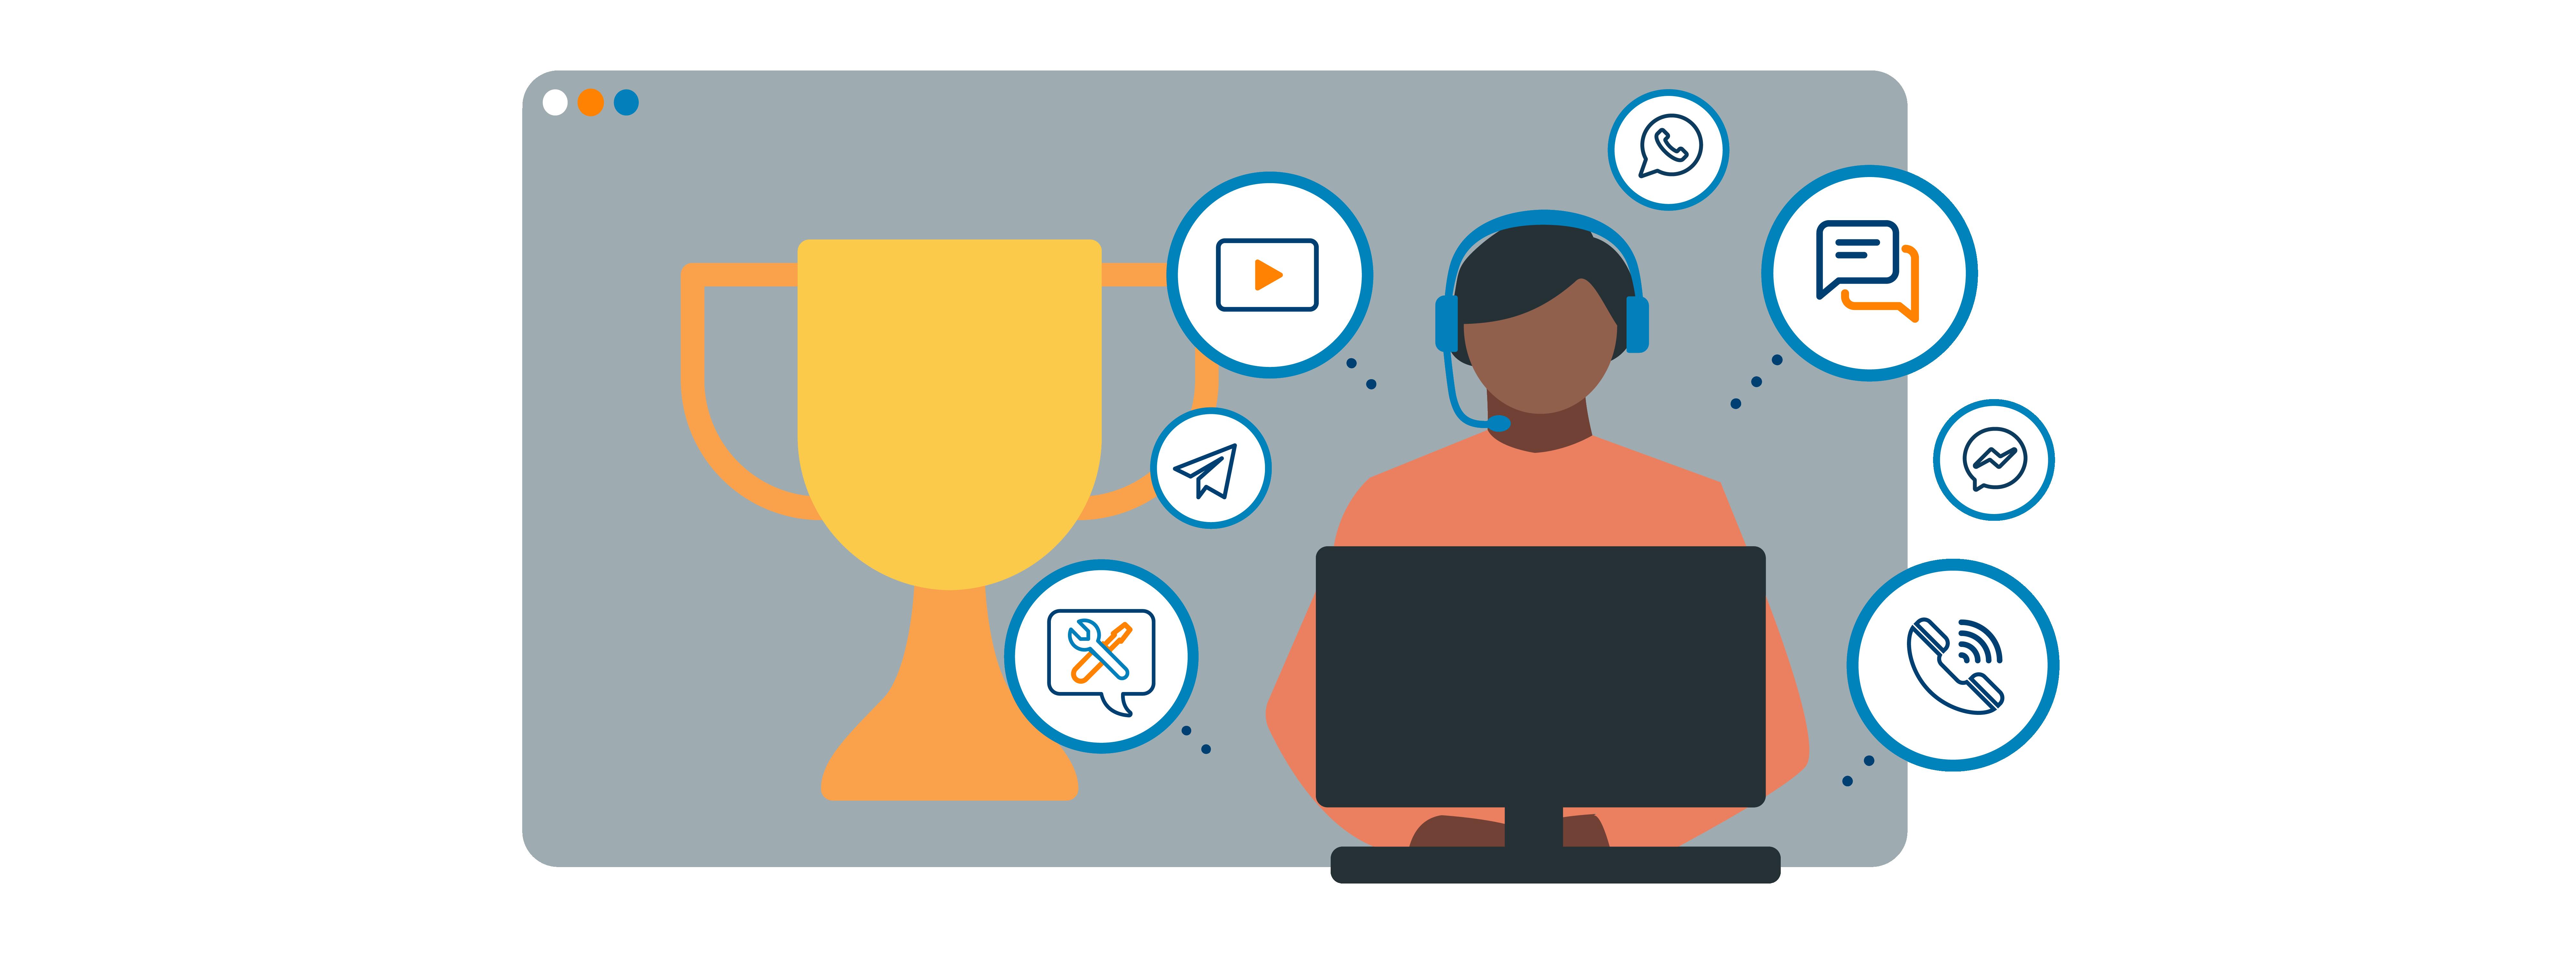 Grafik zu Multi-Channel-Strategy Service Champion: Mann mit Headset am Computer mit Icons für Video, Telefonie, Chat, SMS, neben ihm ein Pokal.